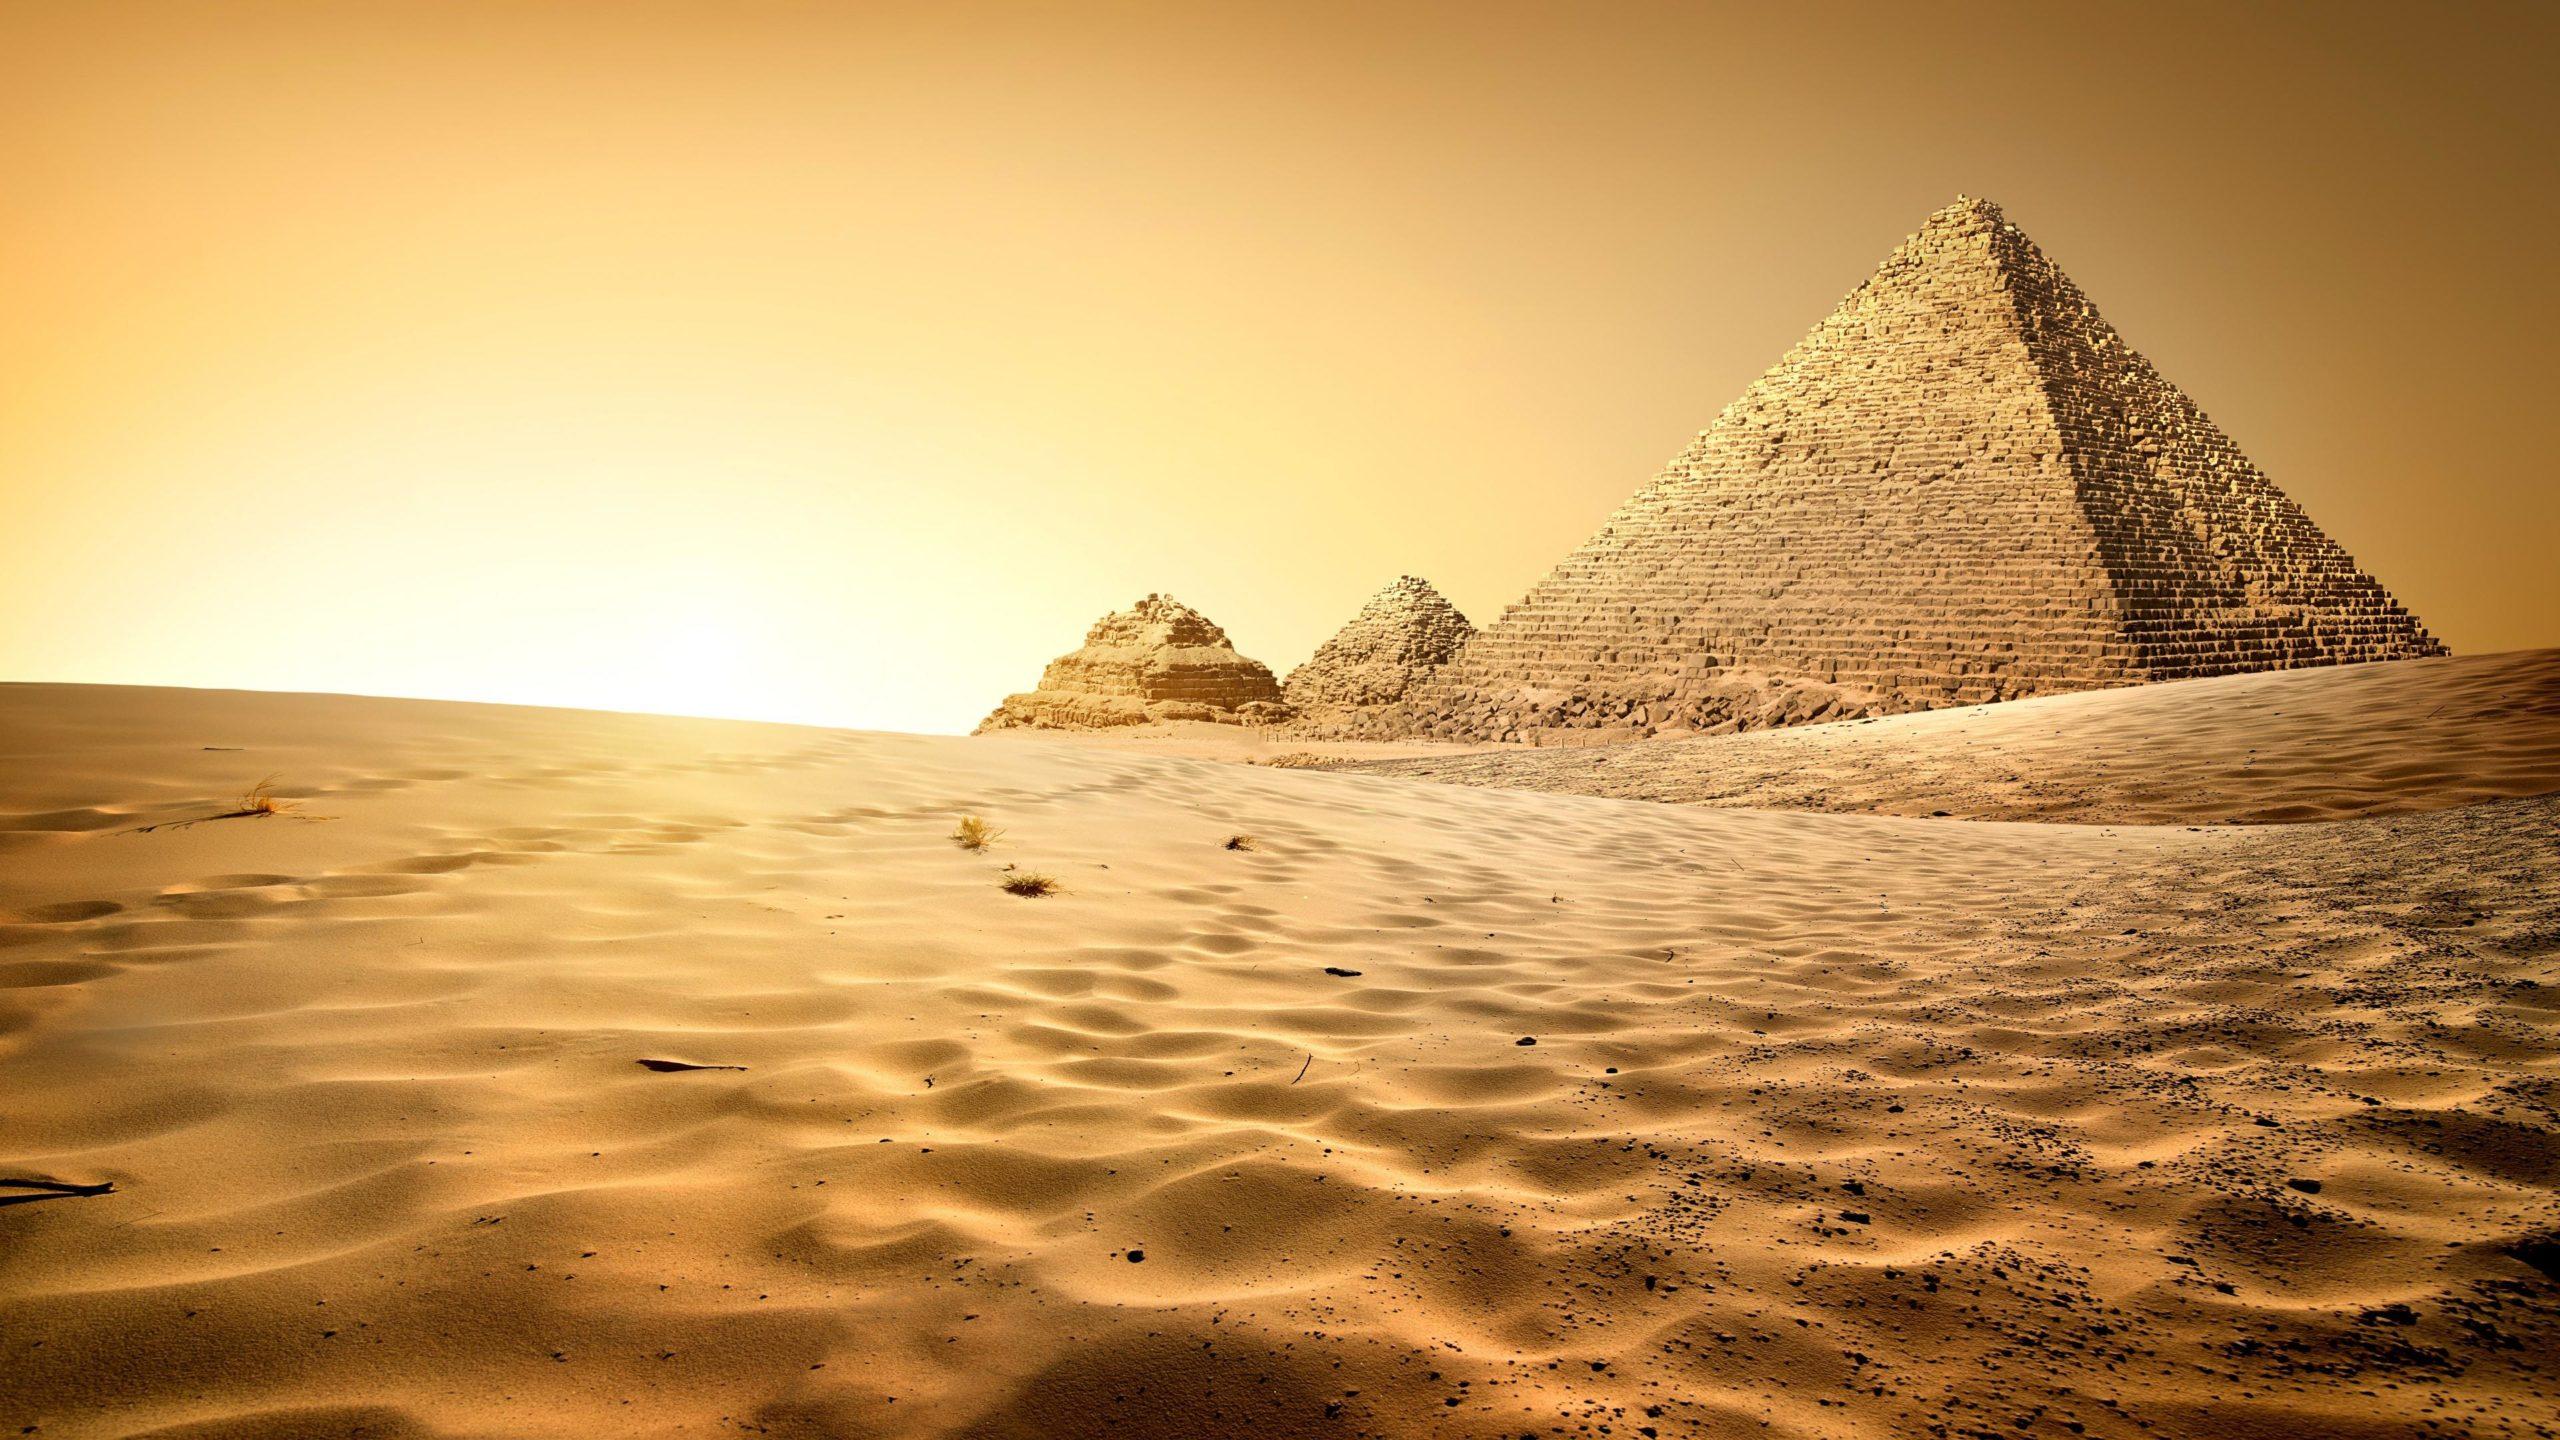 egipt images